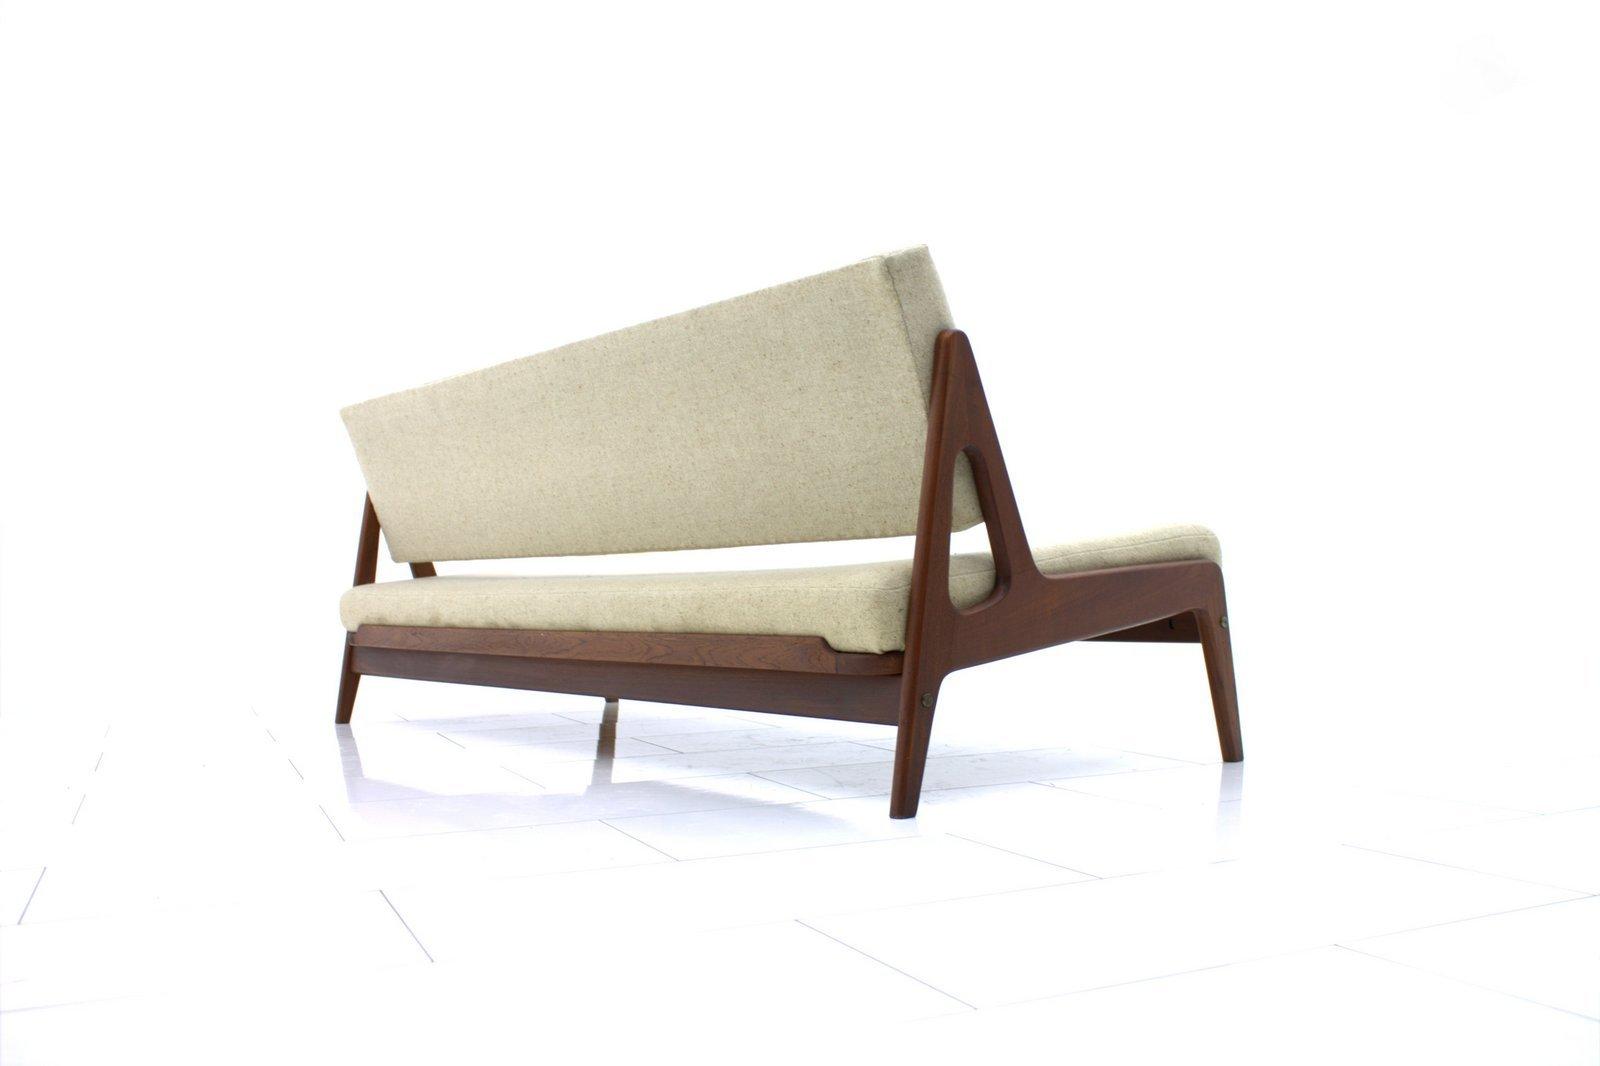 d nisches teak sofa von arne wahl iversen 1960er bei. Black Bedroom Furniture Sets. Home Design Ideas